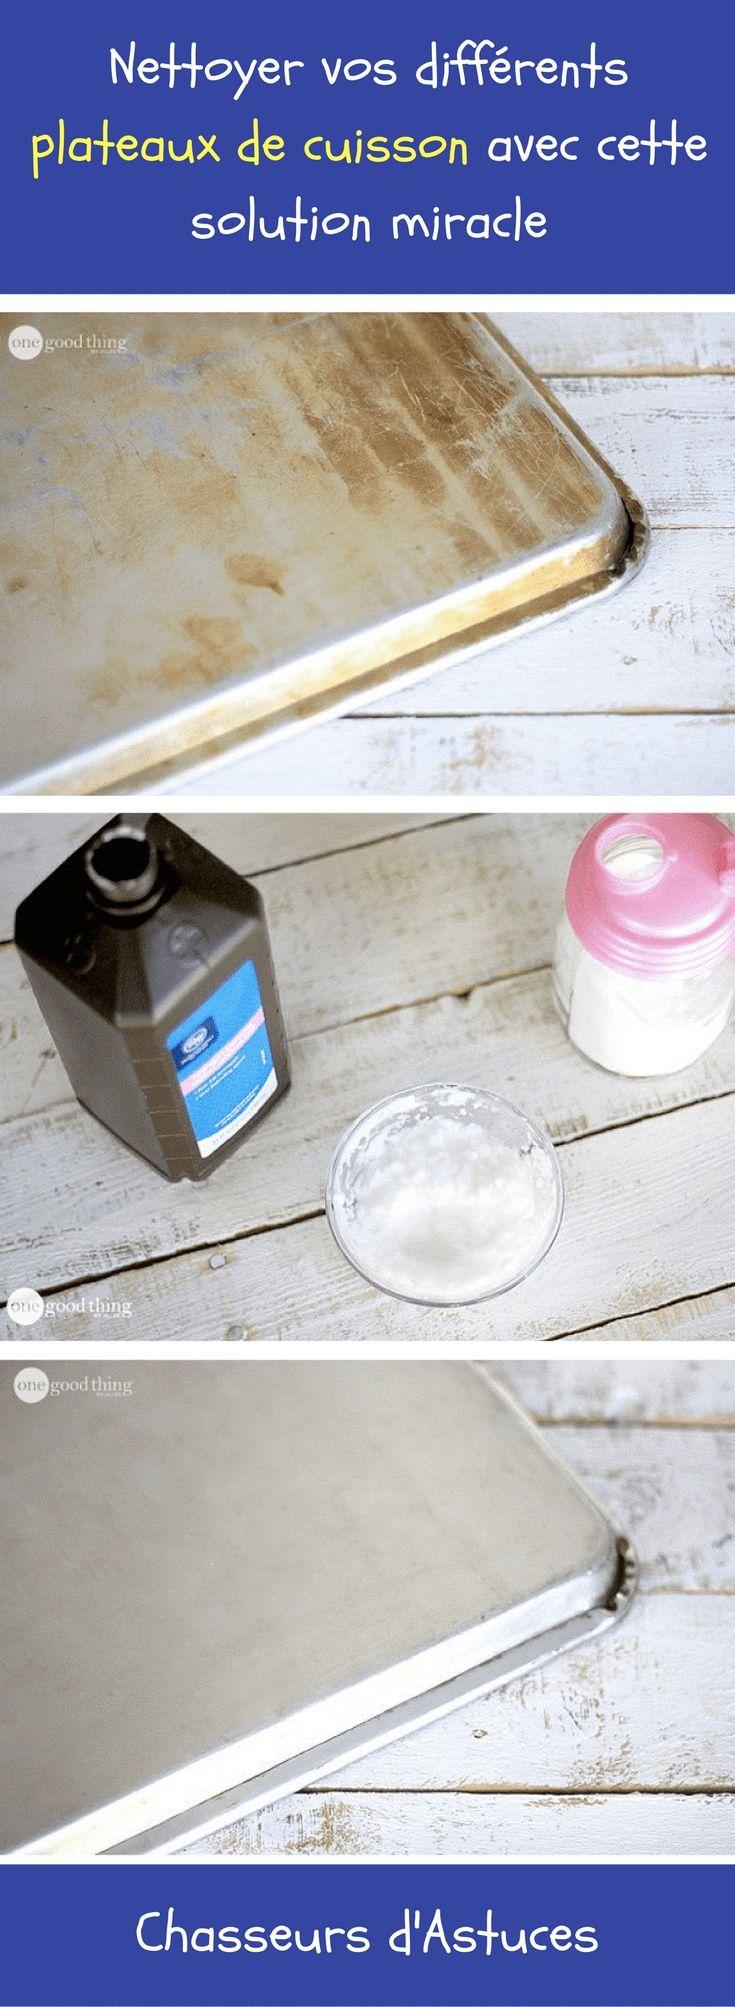 Nettoyer vos différents plateaux de cuisson avec cette solution miracle